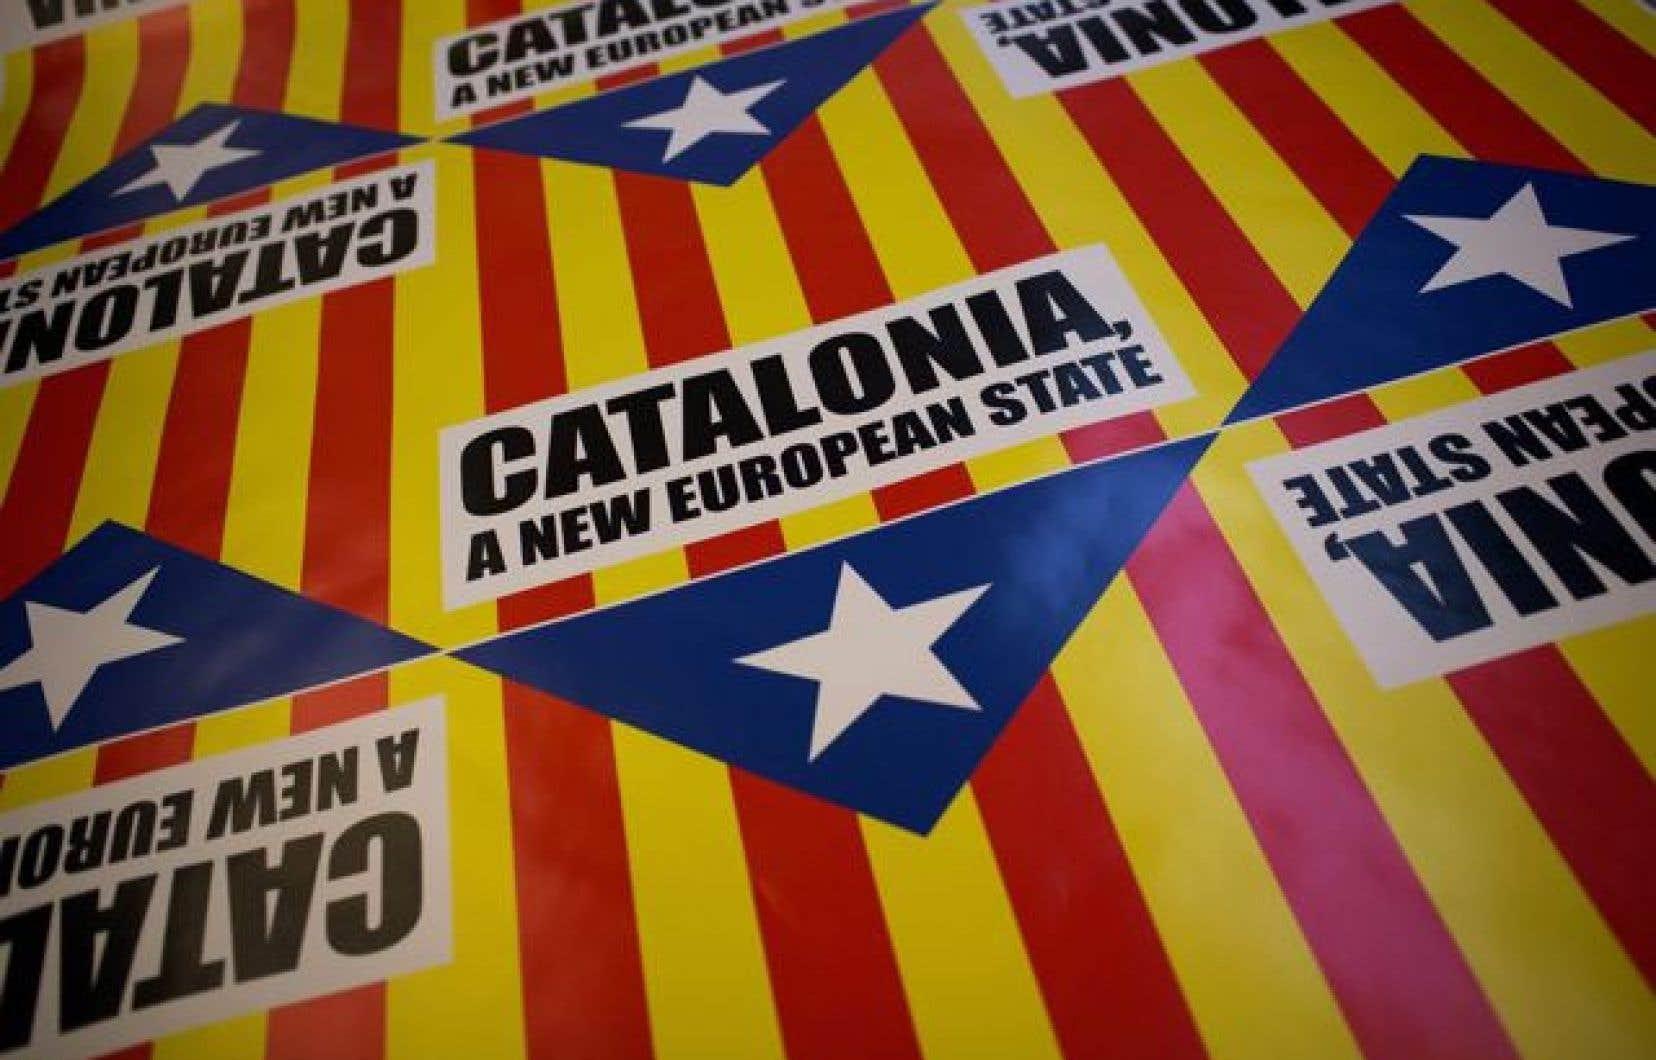 Si Artur Mas prend soin de n'avancer aucune date, les pourparlers ont permis aux deux partis de s'entendre pour que tout soit prêt le 1er janvier 2014 afin de permettre la tenue d'un référendum.